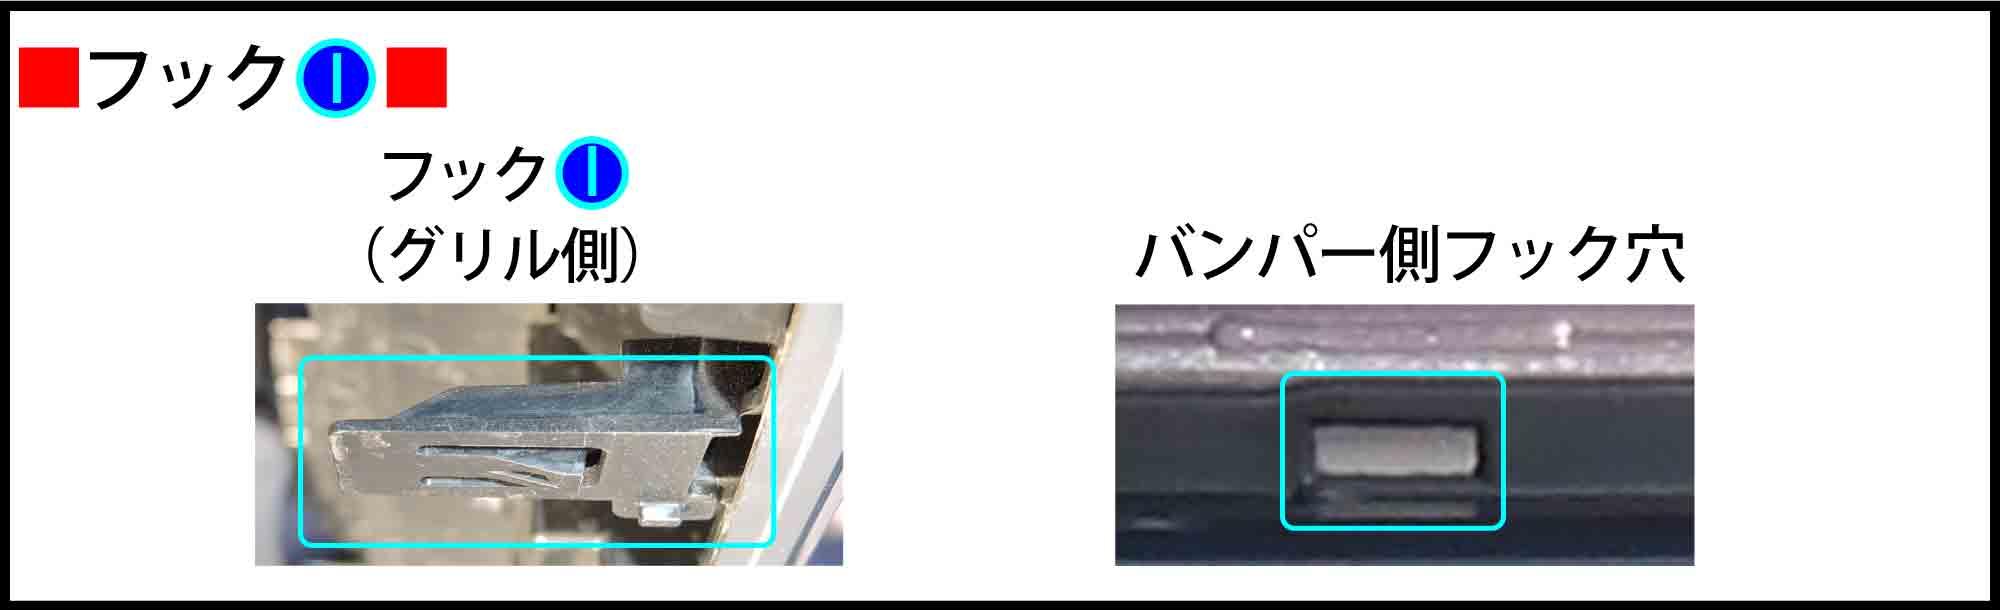 セレナ(C27)のホーン交換